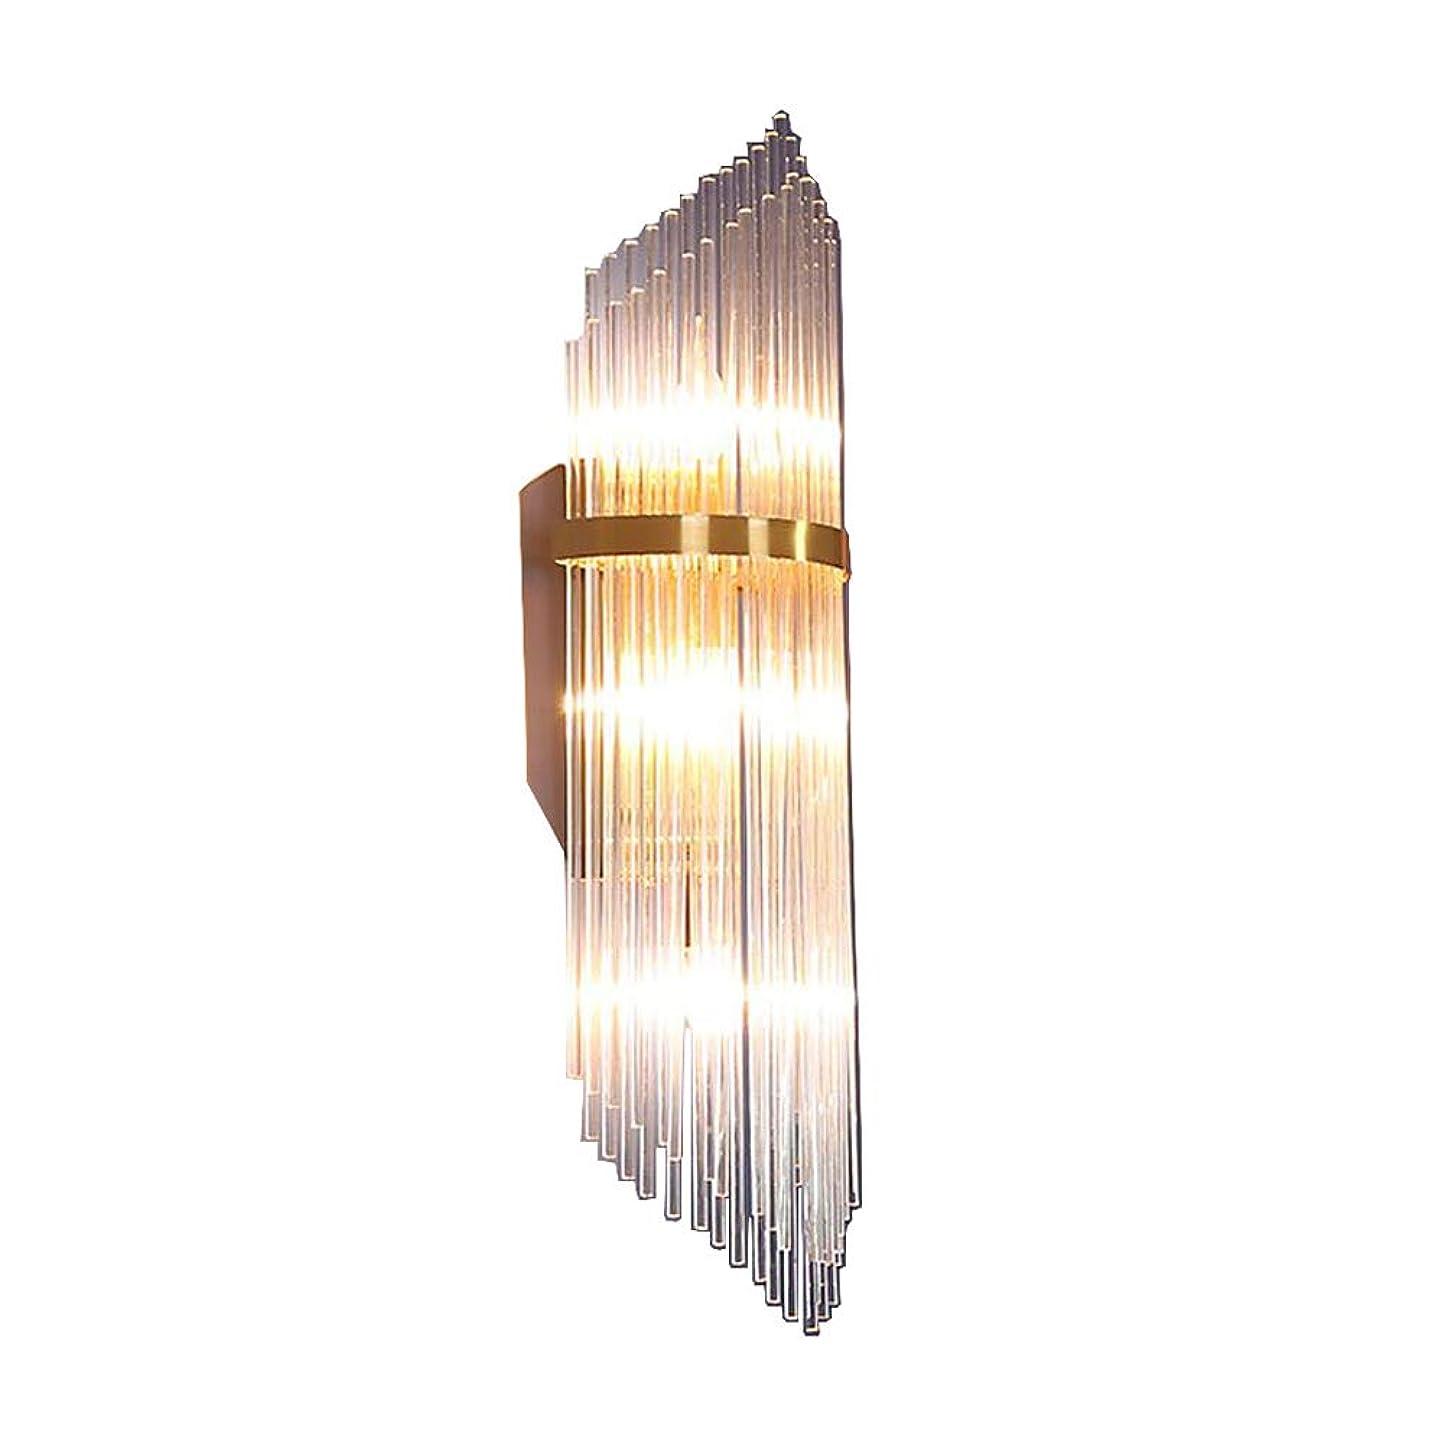 寝てる欠かせない寝るラオハオ ヨーロッパの高級クリスタルガラスコンビネーションランプシェードゴールドブロンズアイアンウォールランプ北欧ホテルフィクスチャリビングルームダイニングホールホテル逆三角形E14ウォールライトH:50CM用リビングルーム寝室廊下 ウォールウォッシャー